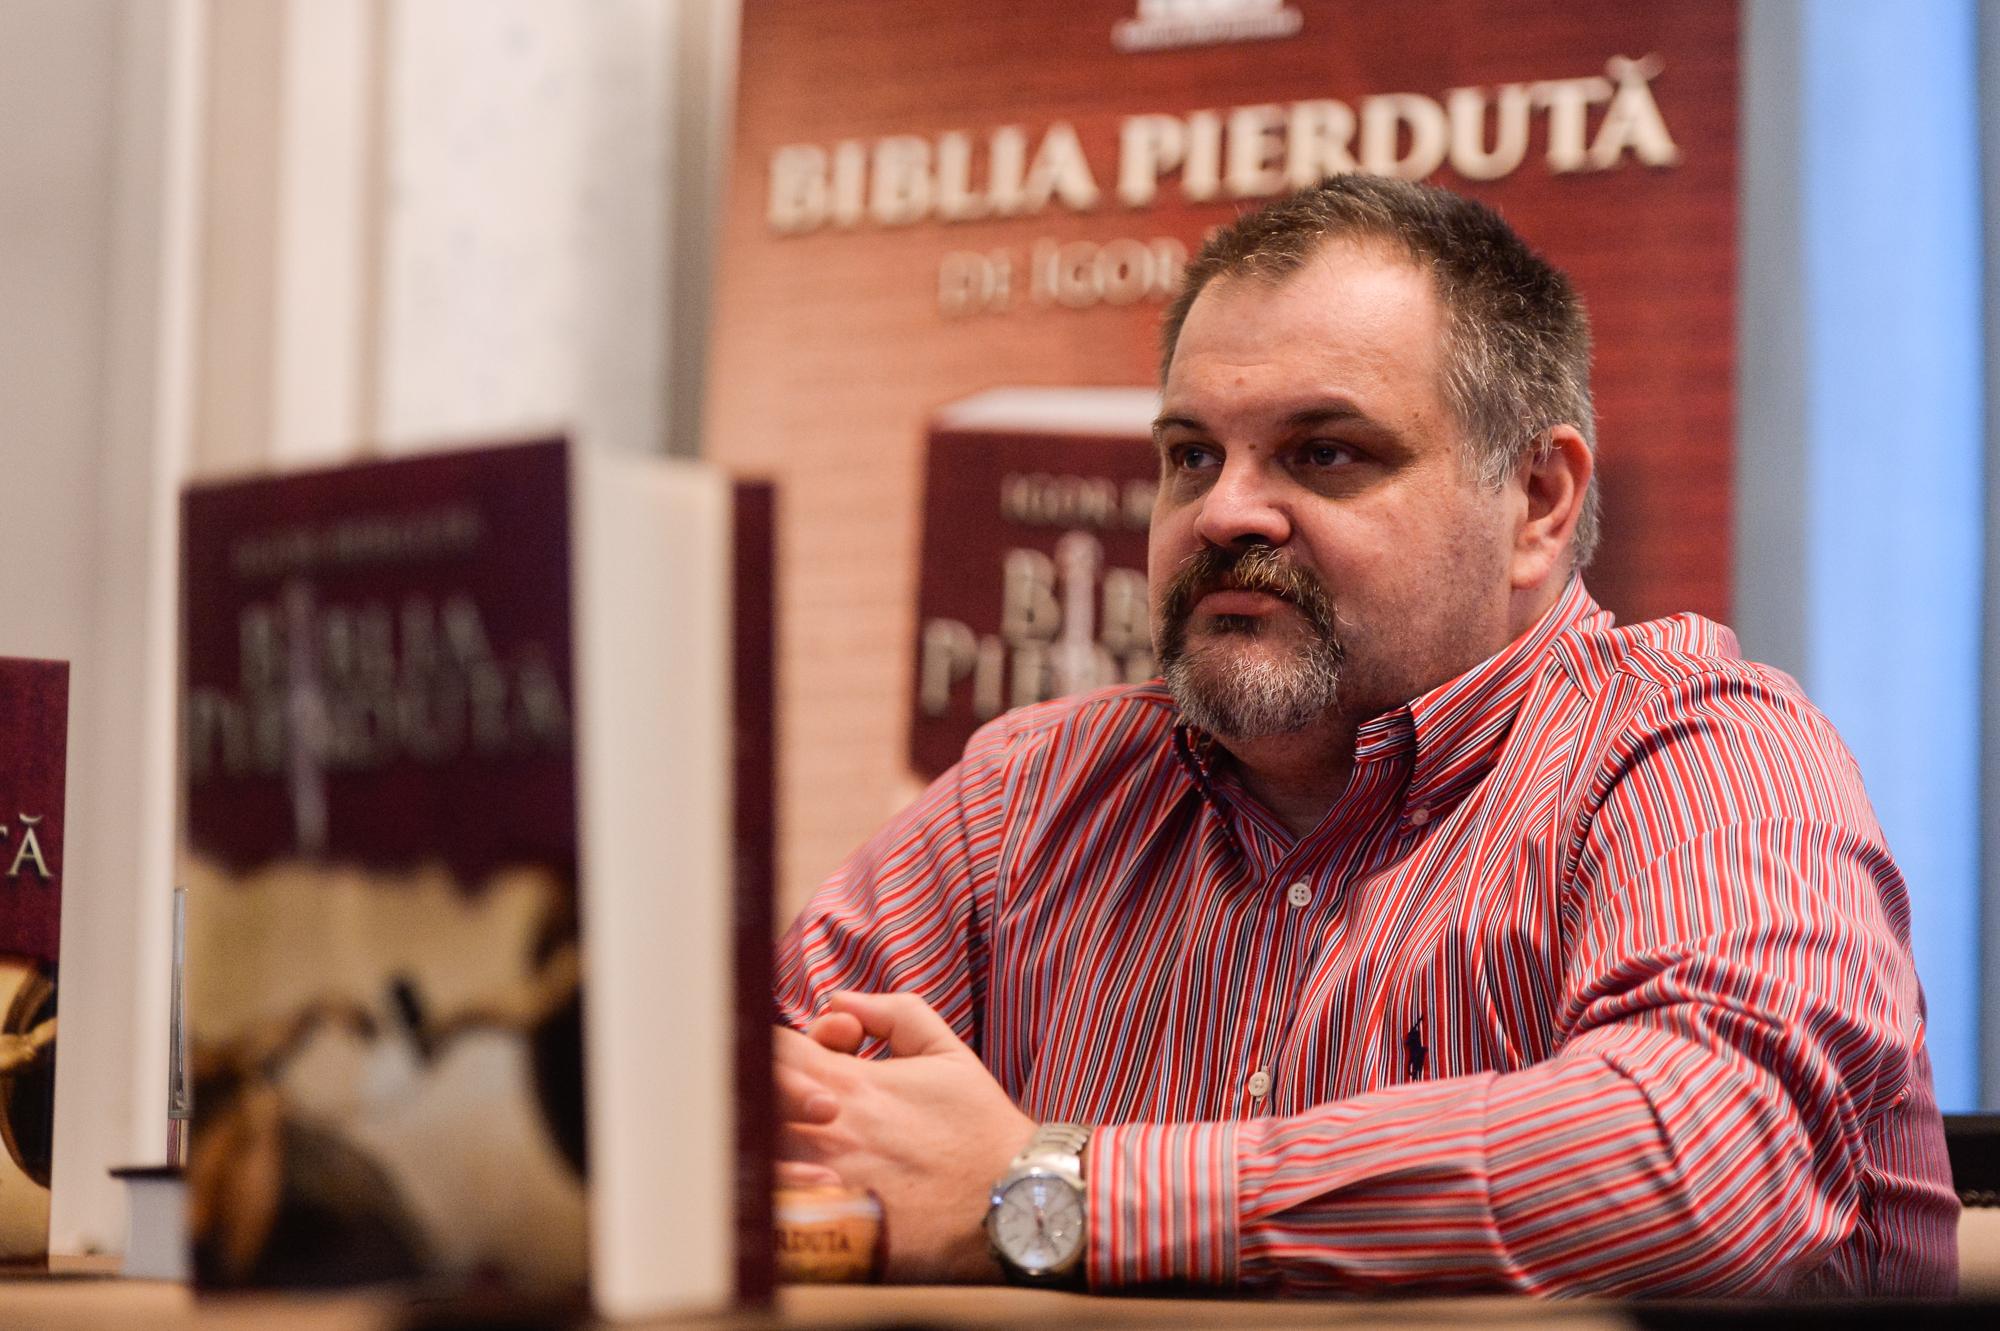 Biblia pierduta va fi prezent in cadrul Targului International de Carte de la Frankfurt